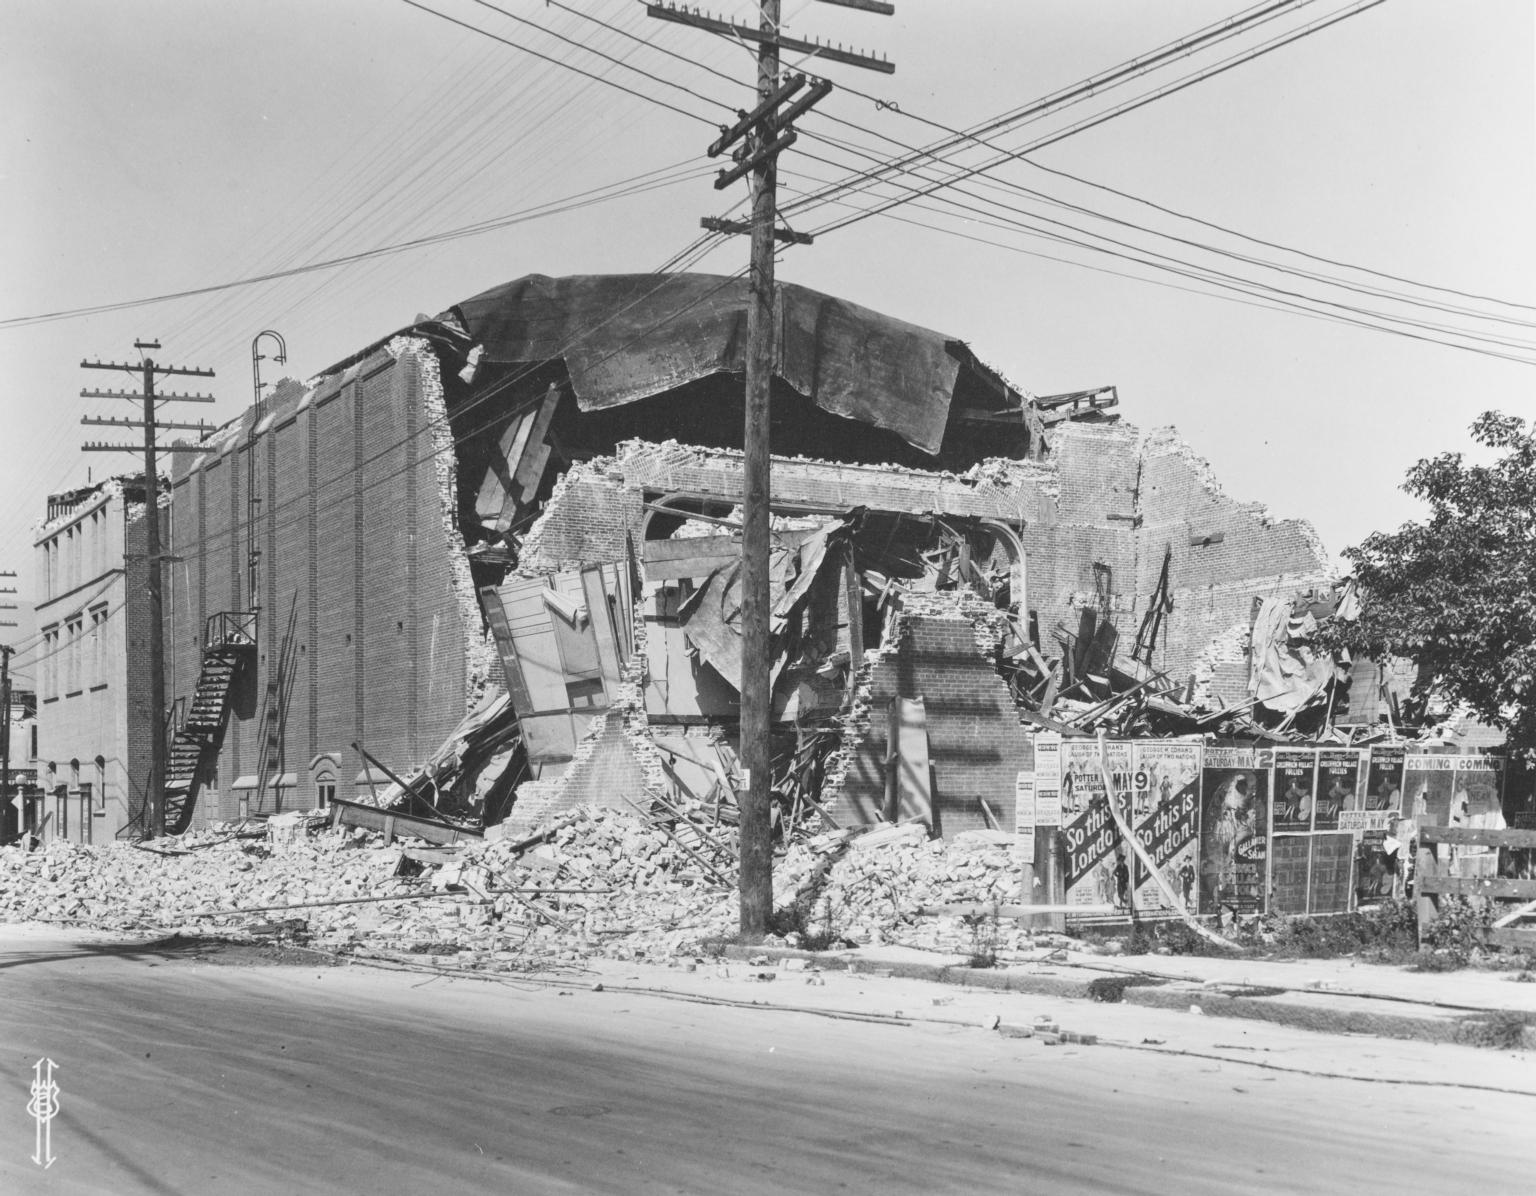 Santa Barbara 1925 Earthquake Damage - Potter Theater